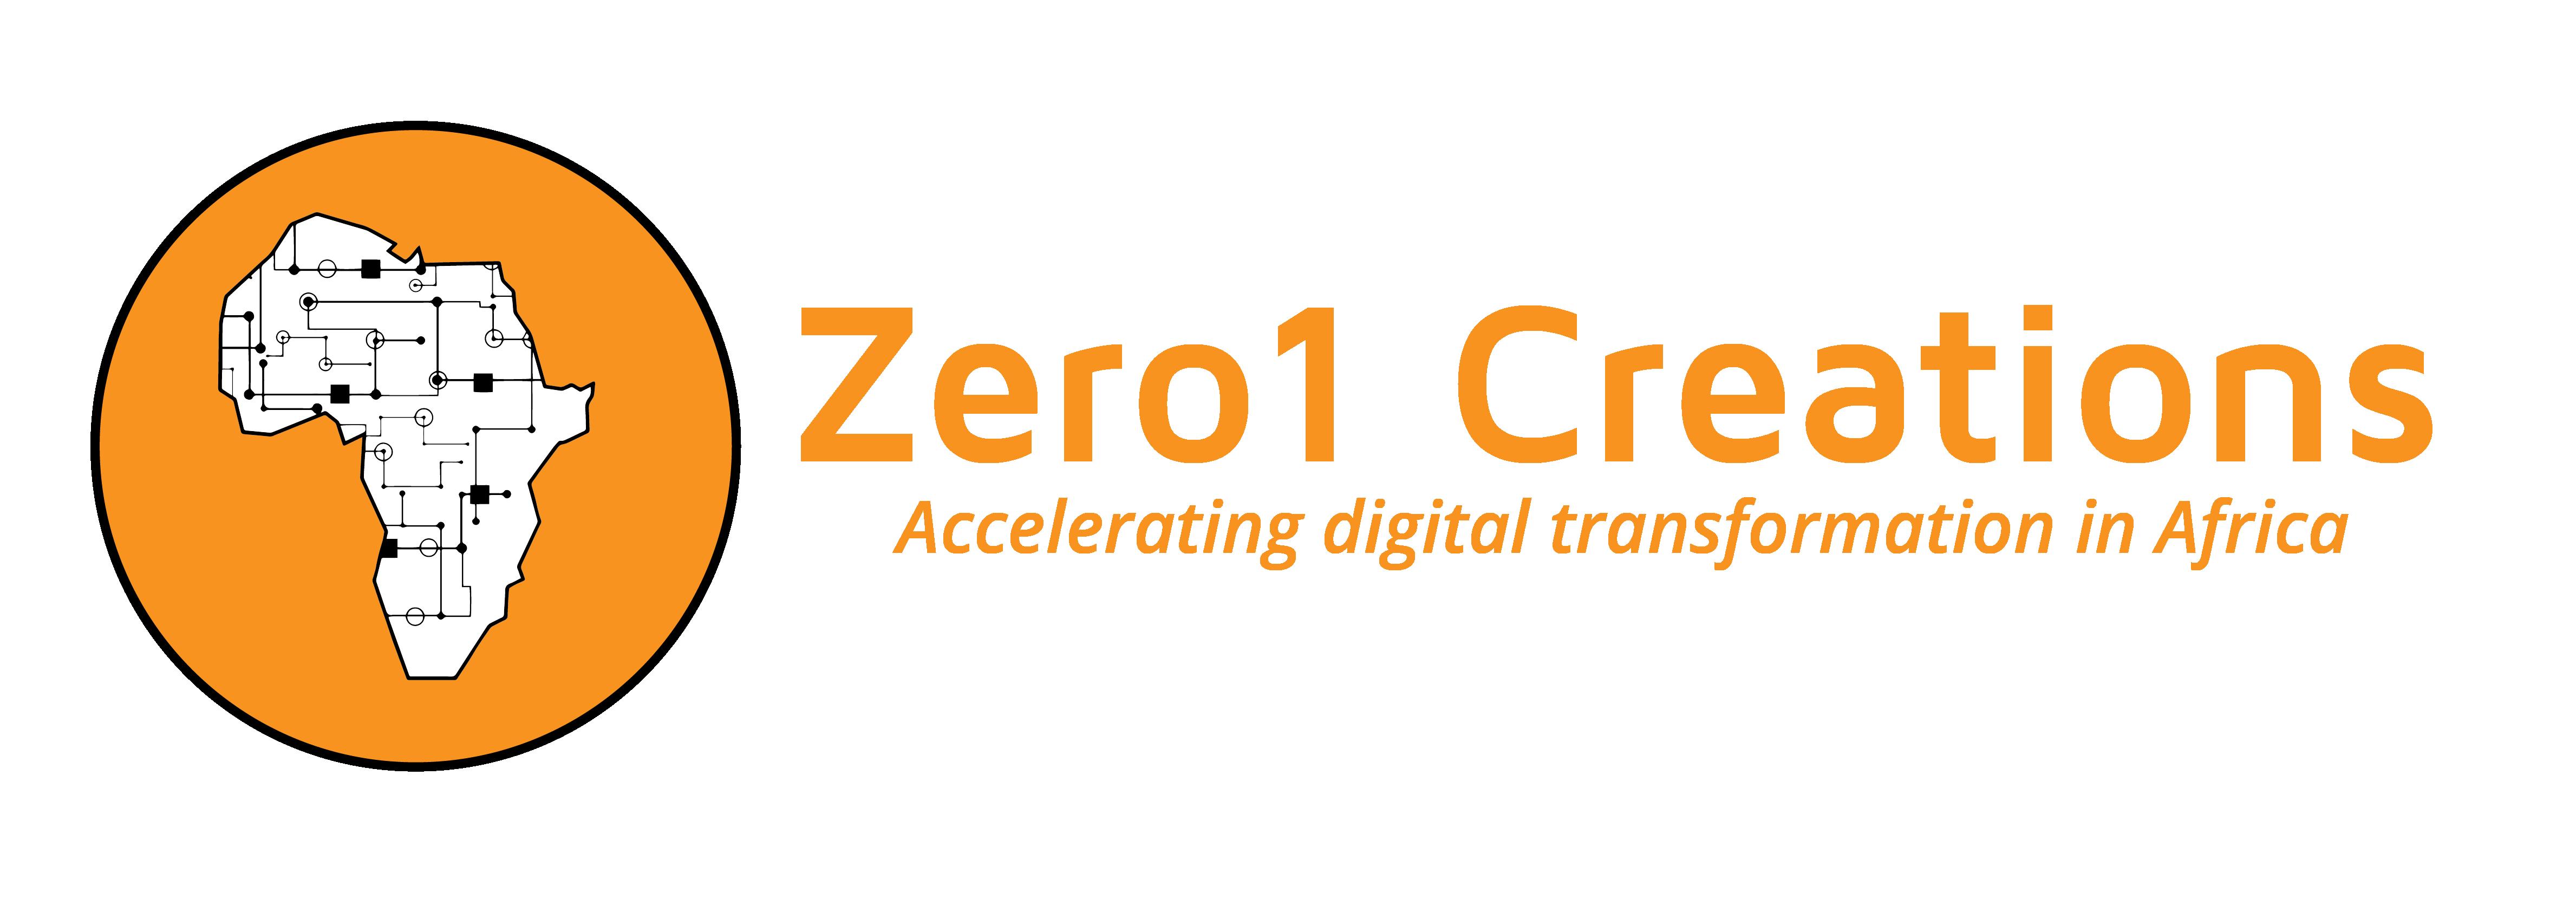 Zero1 Creations